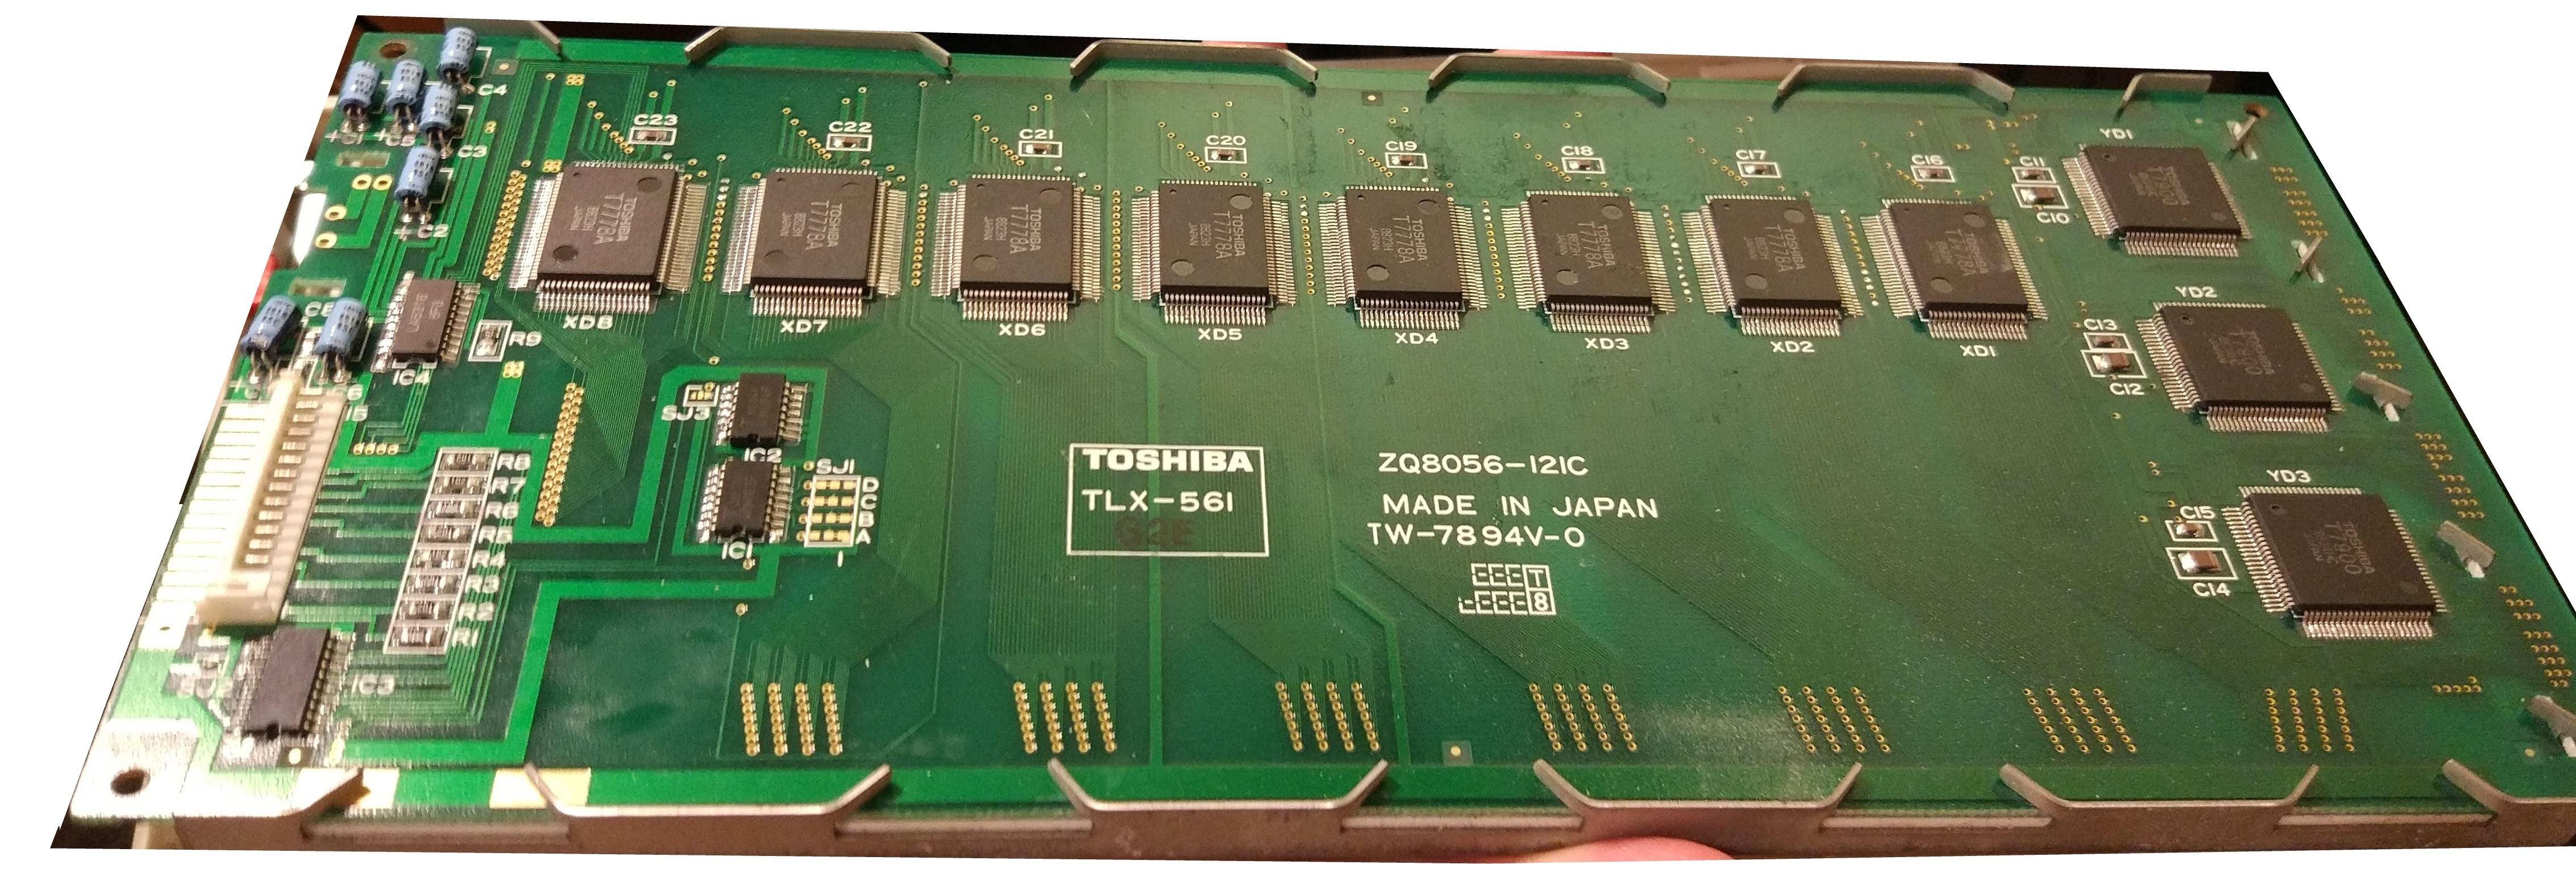 Дисплей Toshiba TLX-561 - такие устанавливались в некоторые ноутбуки Электроника